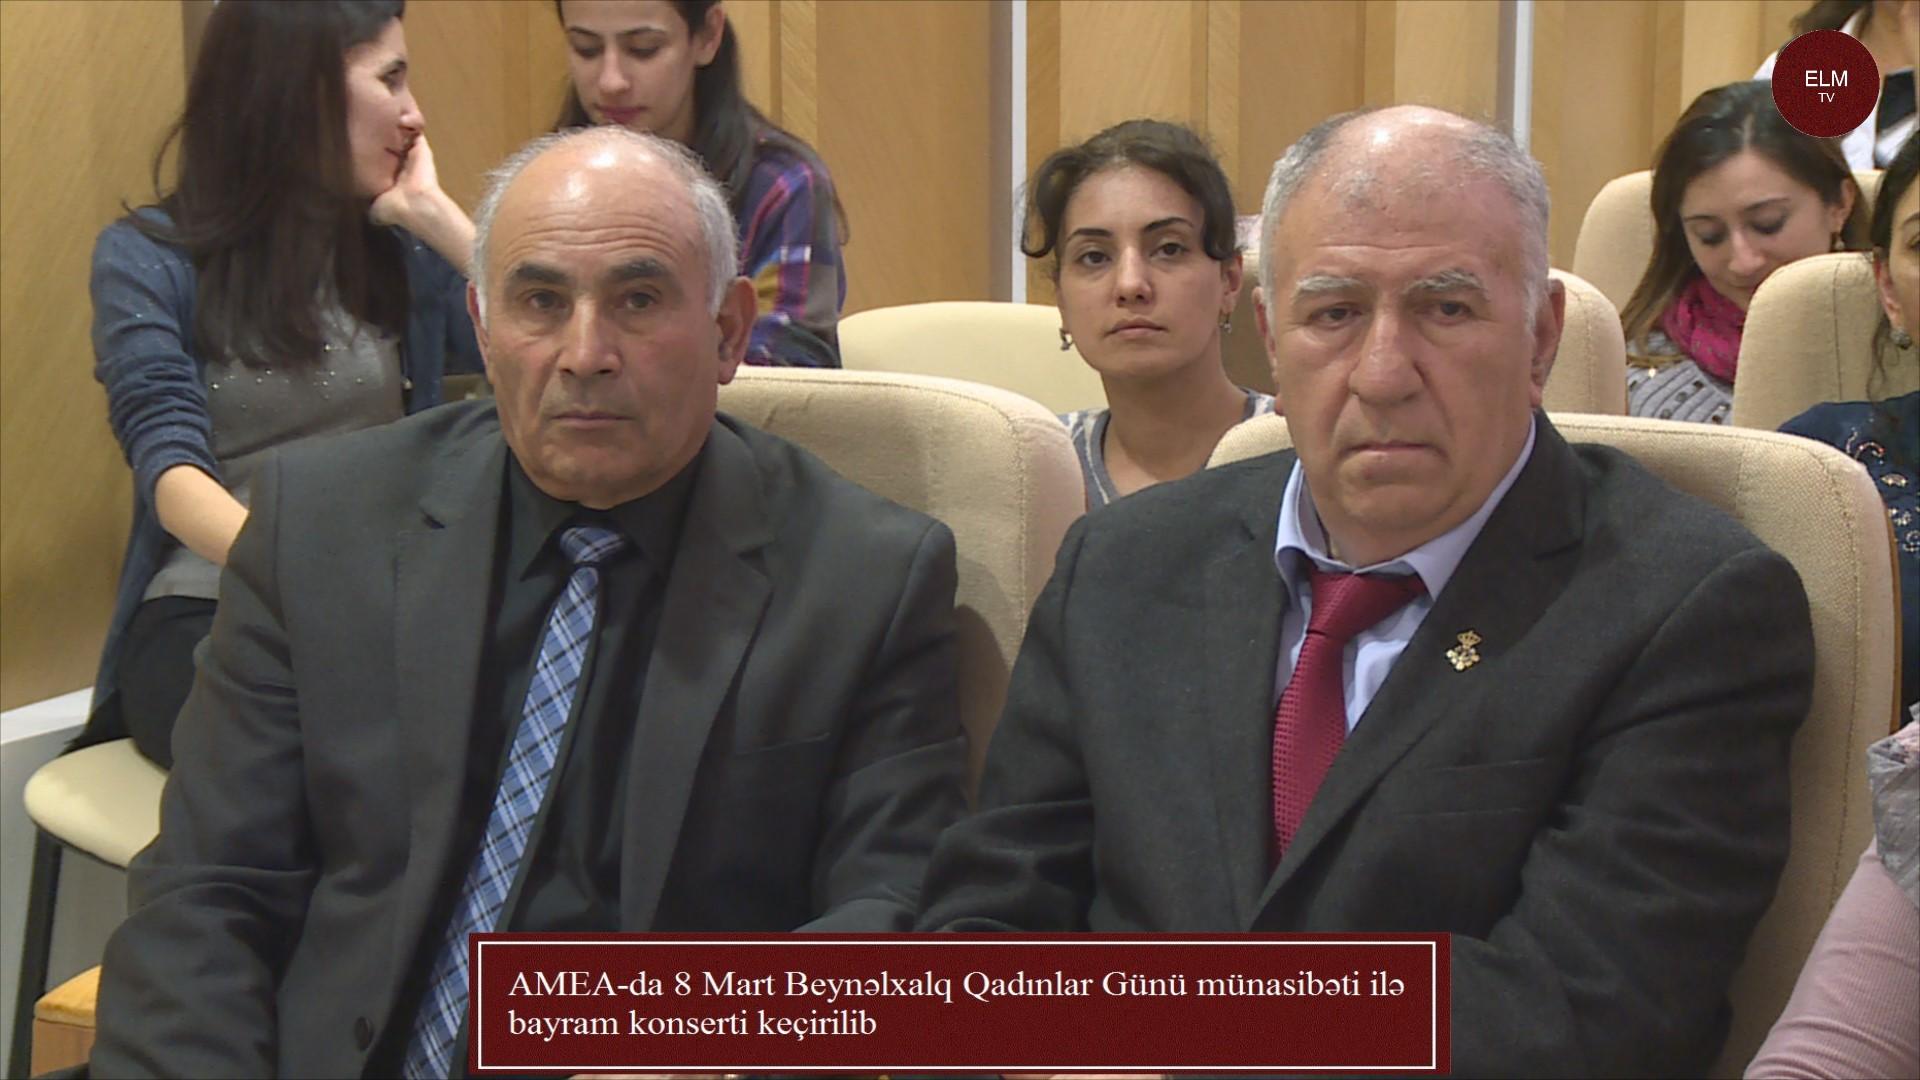 AMEA-da 8 Mart Beynəlxalq Qadınlar Günü münasibəti ilə bayram konserti keçirilib